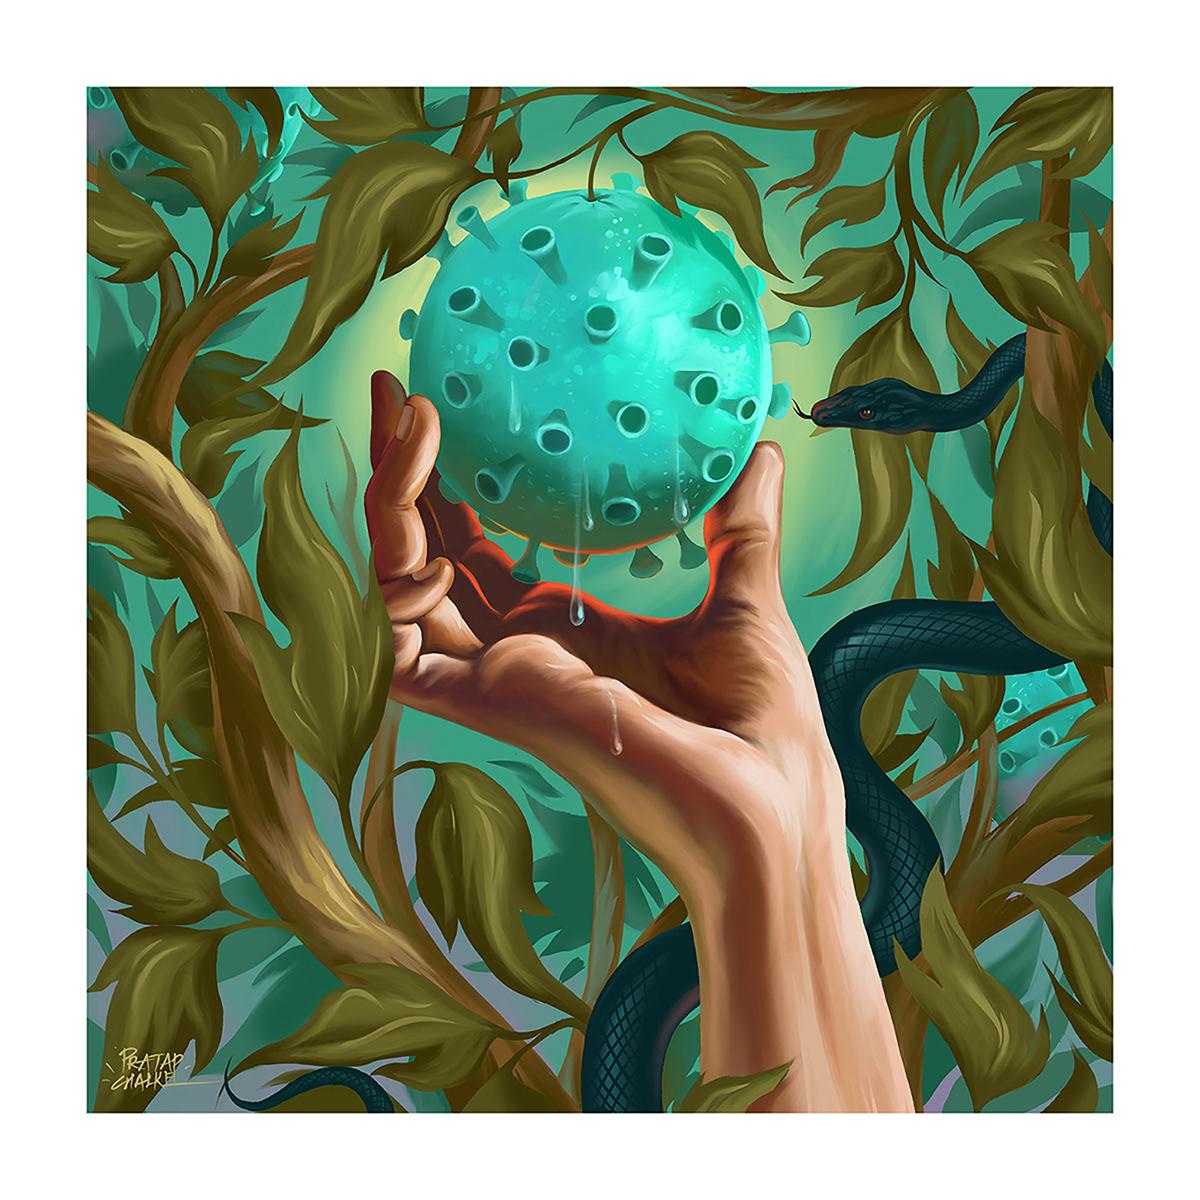 ArtDirection corona virus digital illustration digital painting Digital Sketch Drawing  forbidden fruit ILLUSTRATION